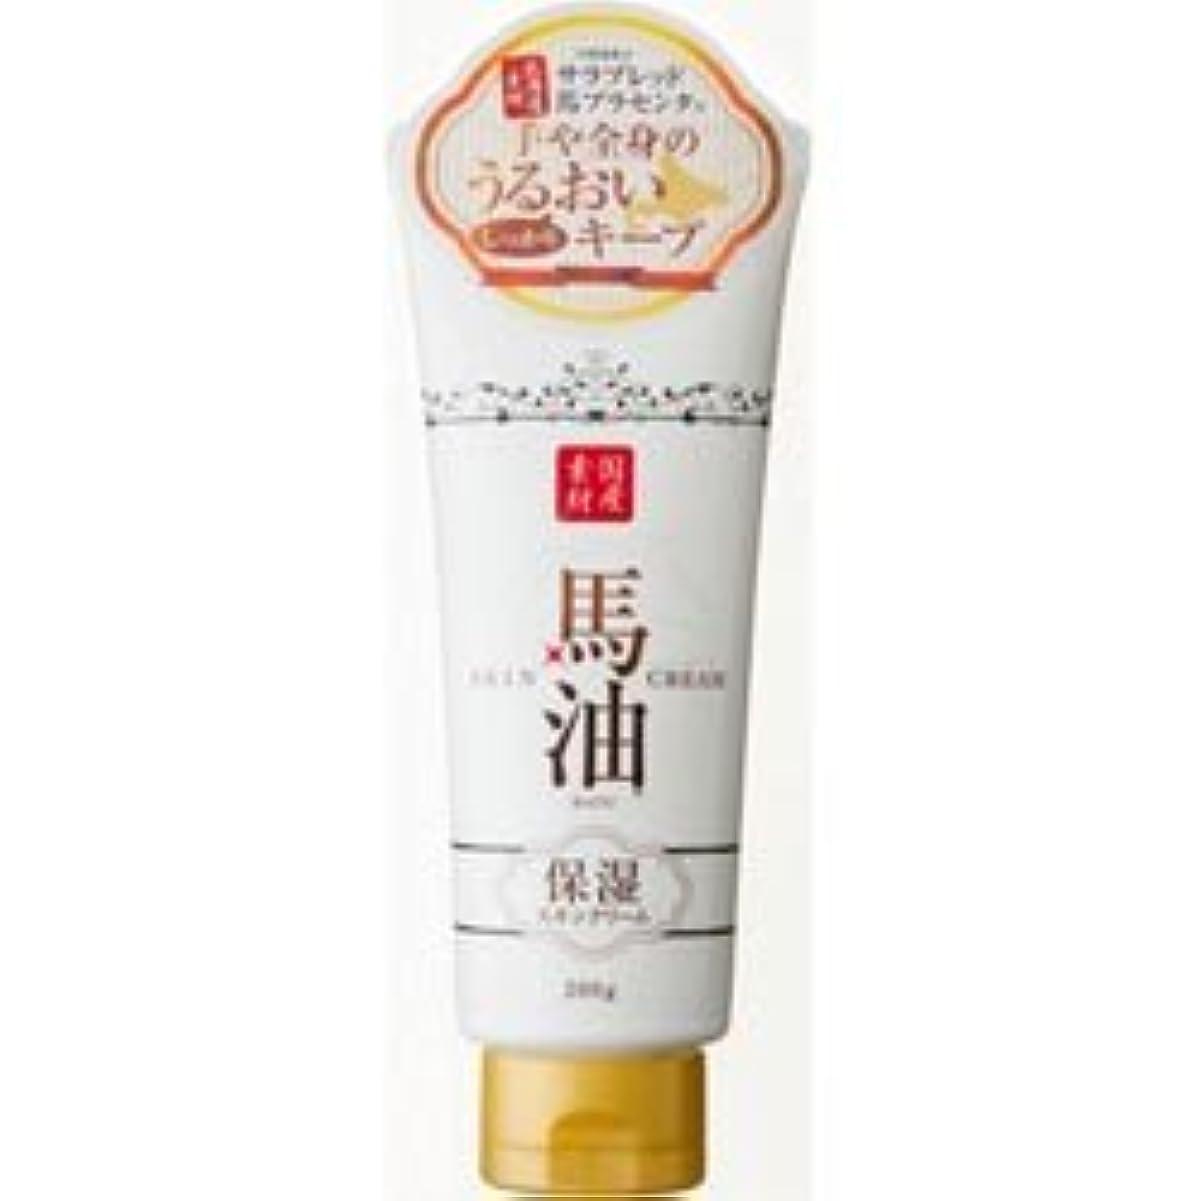 【アイスタイル】リシャン 馬油保湿スキンクリーム さくらの香り 200g ×5個セット